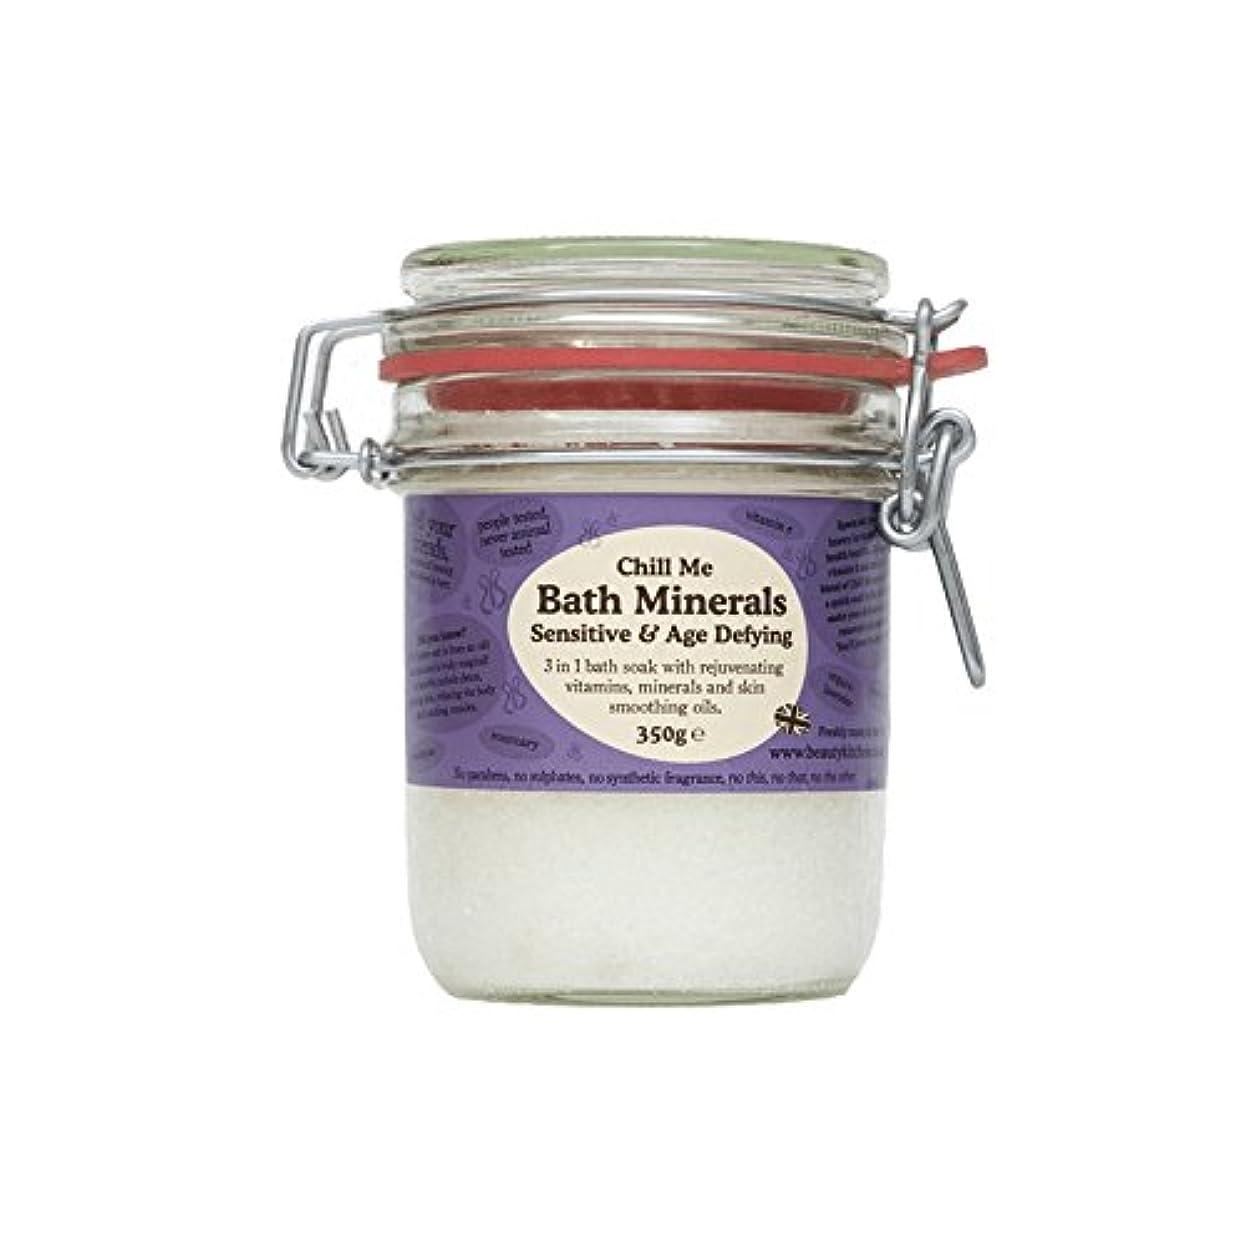 一流有限ハプニング美しさのキッチンは私の敏感&年齢挑むバス鉱物350グラムを冷やします - Beauty Kitchen Chill Me Sensitive & Age Defying Bath Minerals 350g (Beauty...